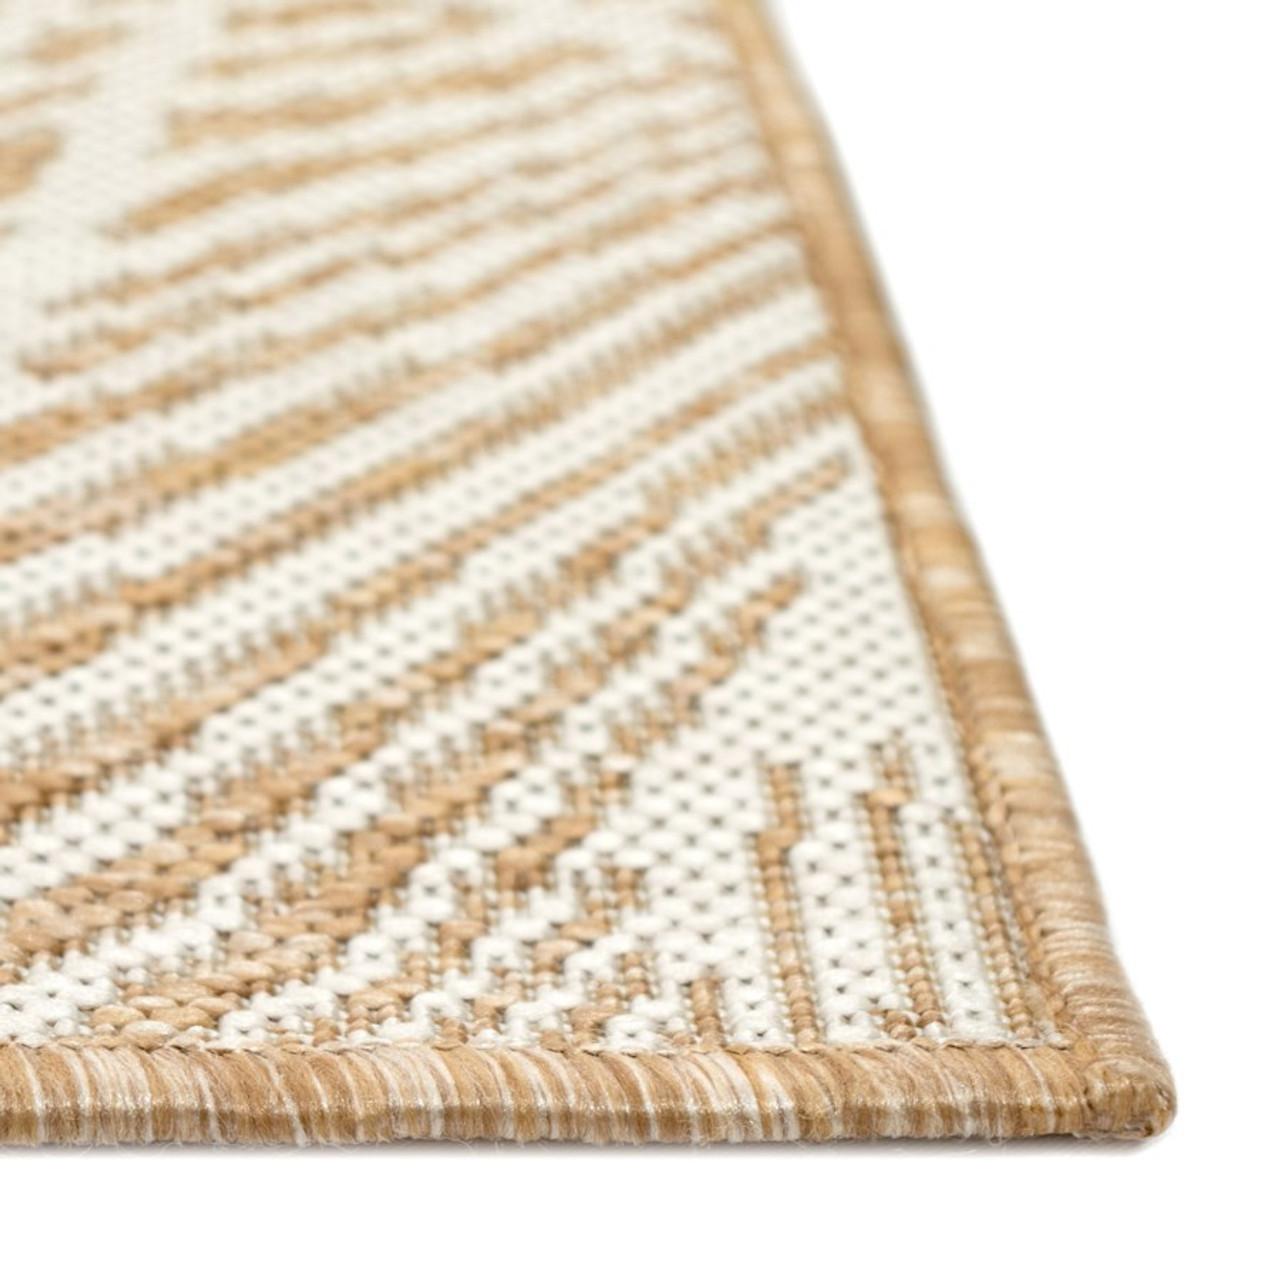 Sand Carmel Palm Leaf Indoor/Outdoor Rug - Pile